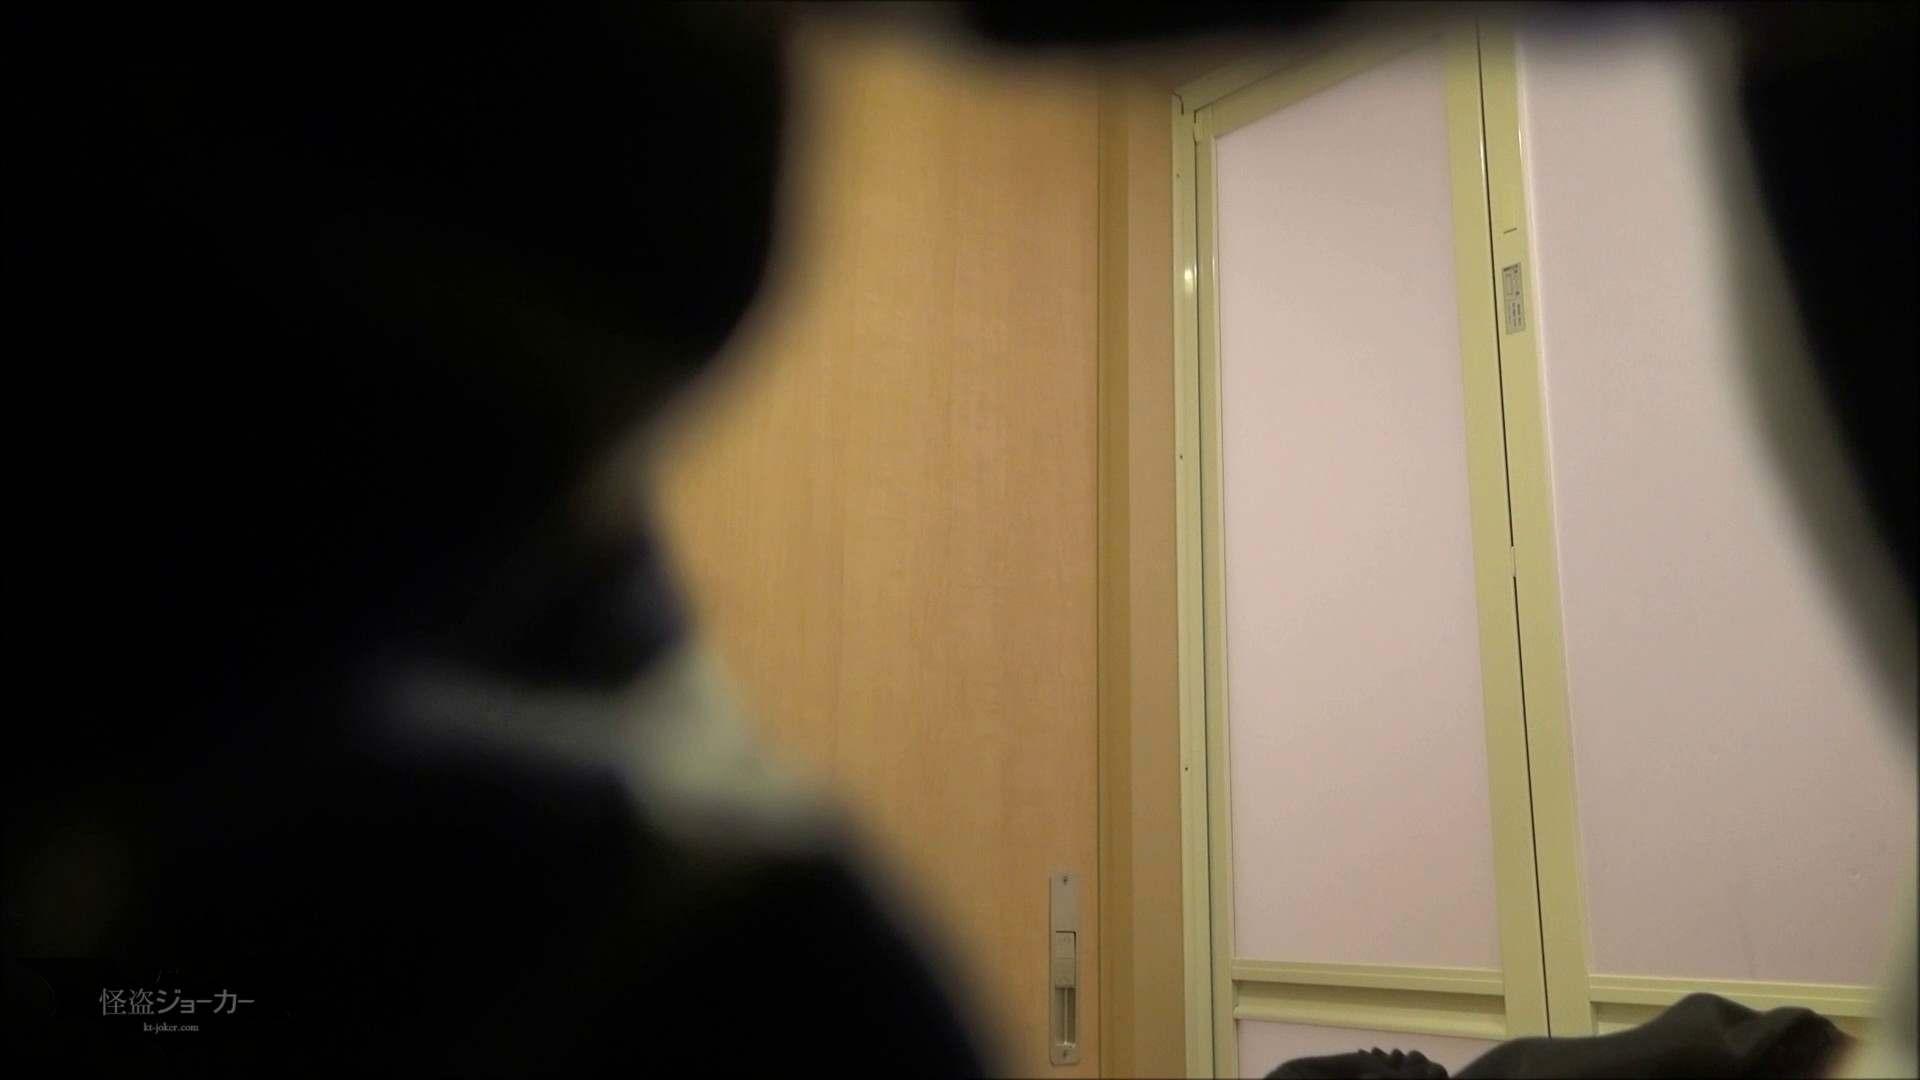 【未公開】vol.105 {爆乳女子と貧乳女子}カナミ&マリ【前編】 人気シリーズ ワレメ無修正動画無料 49画像 46